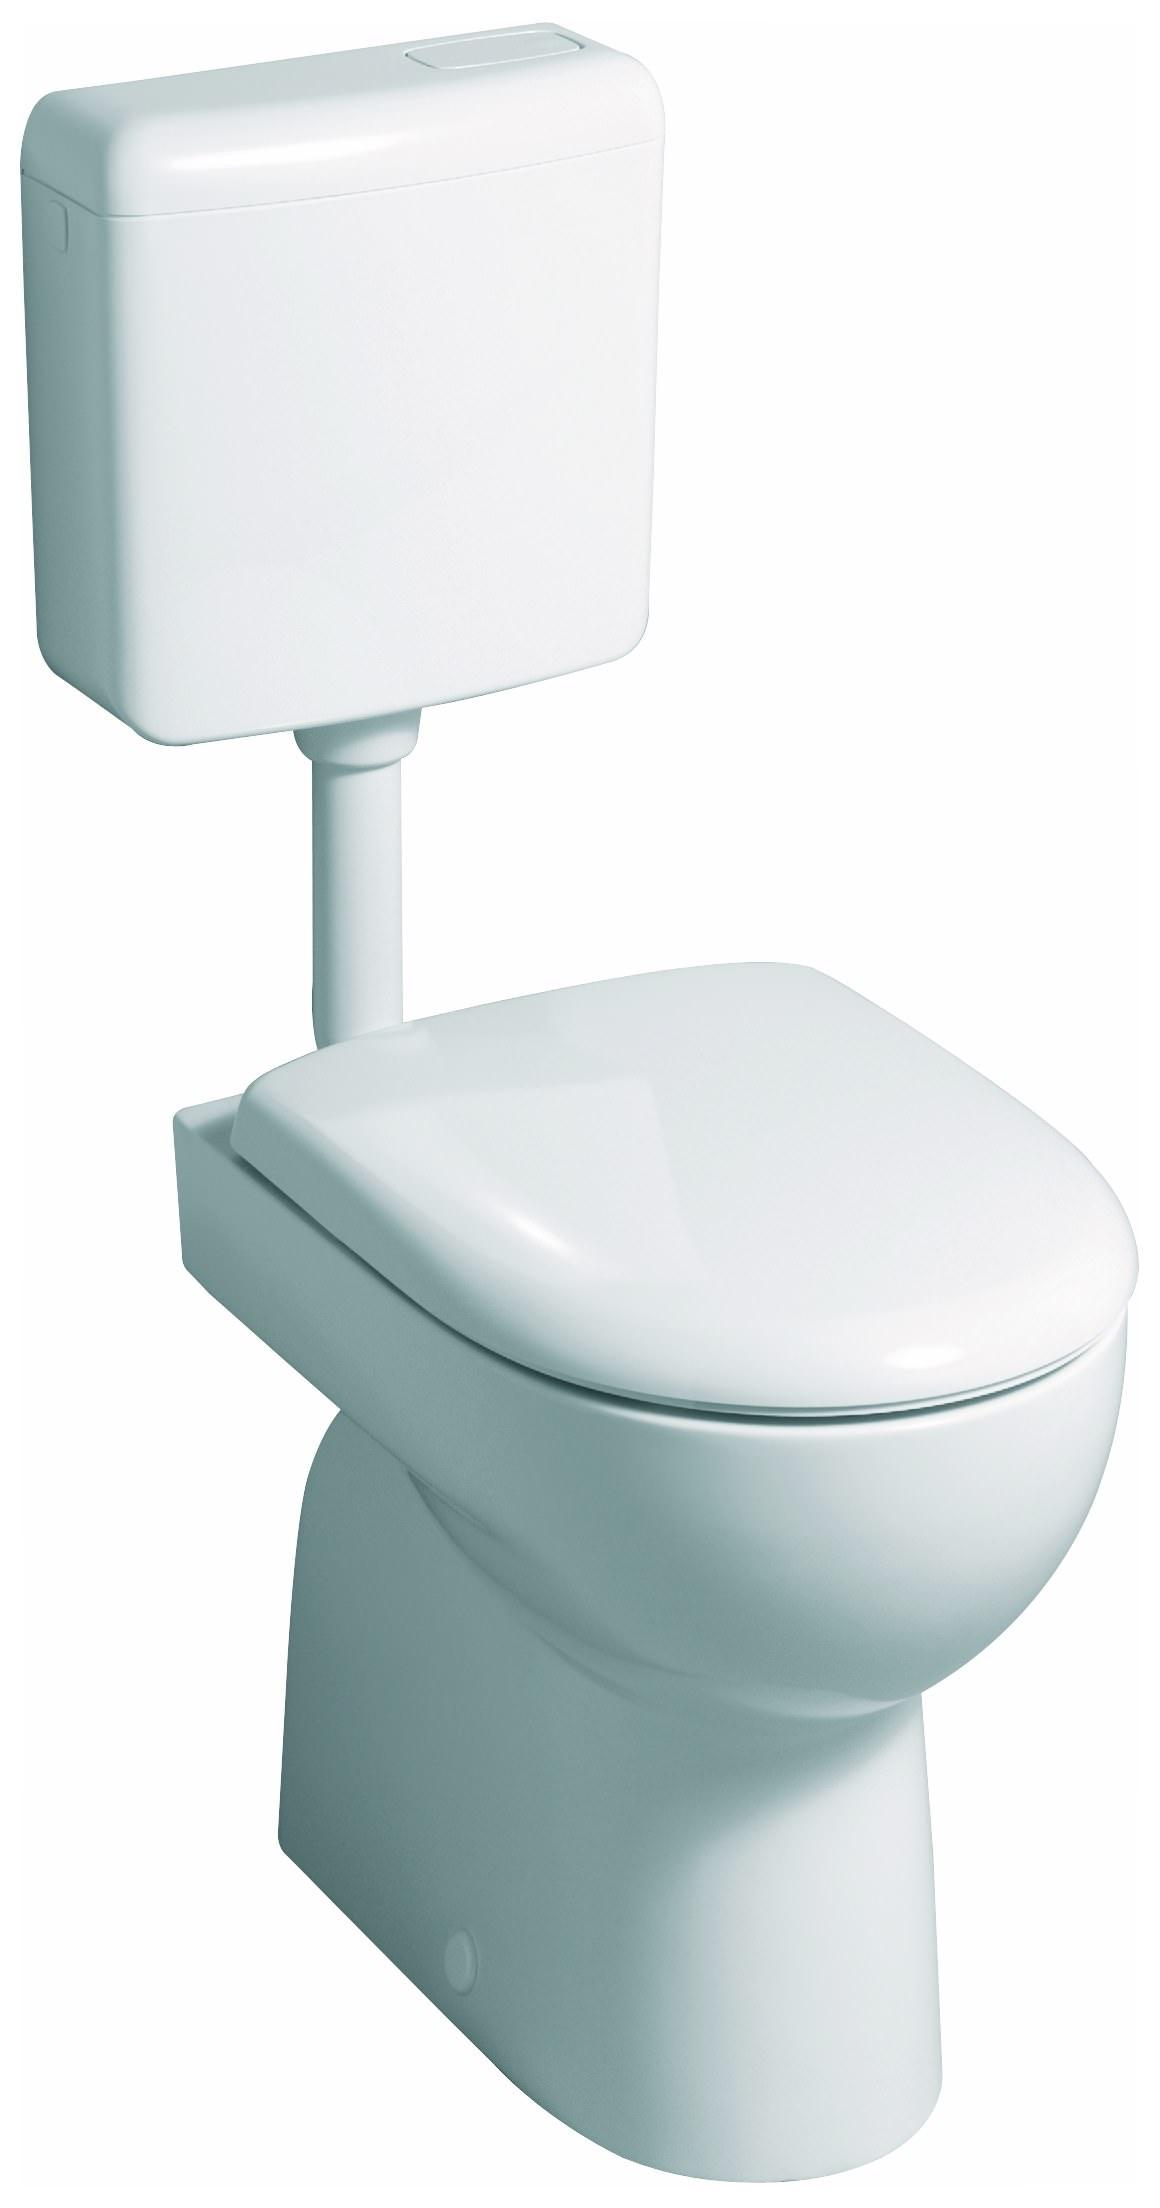 keramag renova nr 1 wc sitz mit deckel bahamabeige f r wcs urinale zubeh r ersatzteile. Black Bedroom Furniture Sets. Home Design Ideas